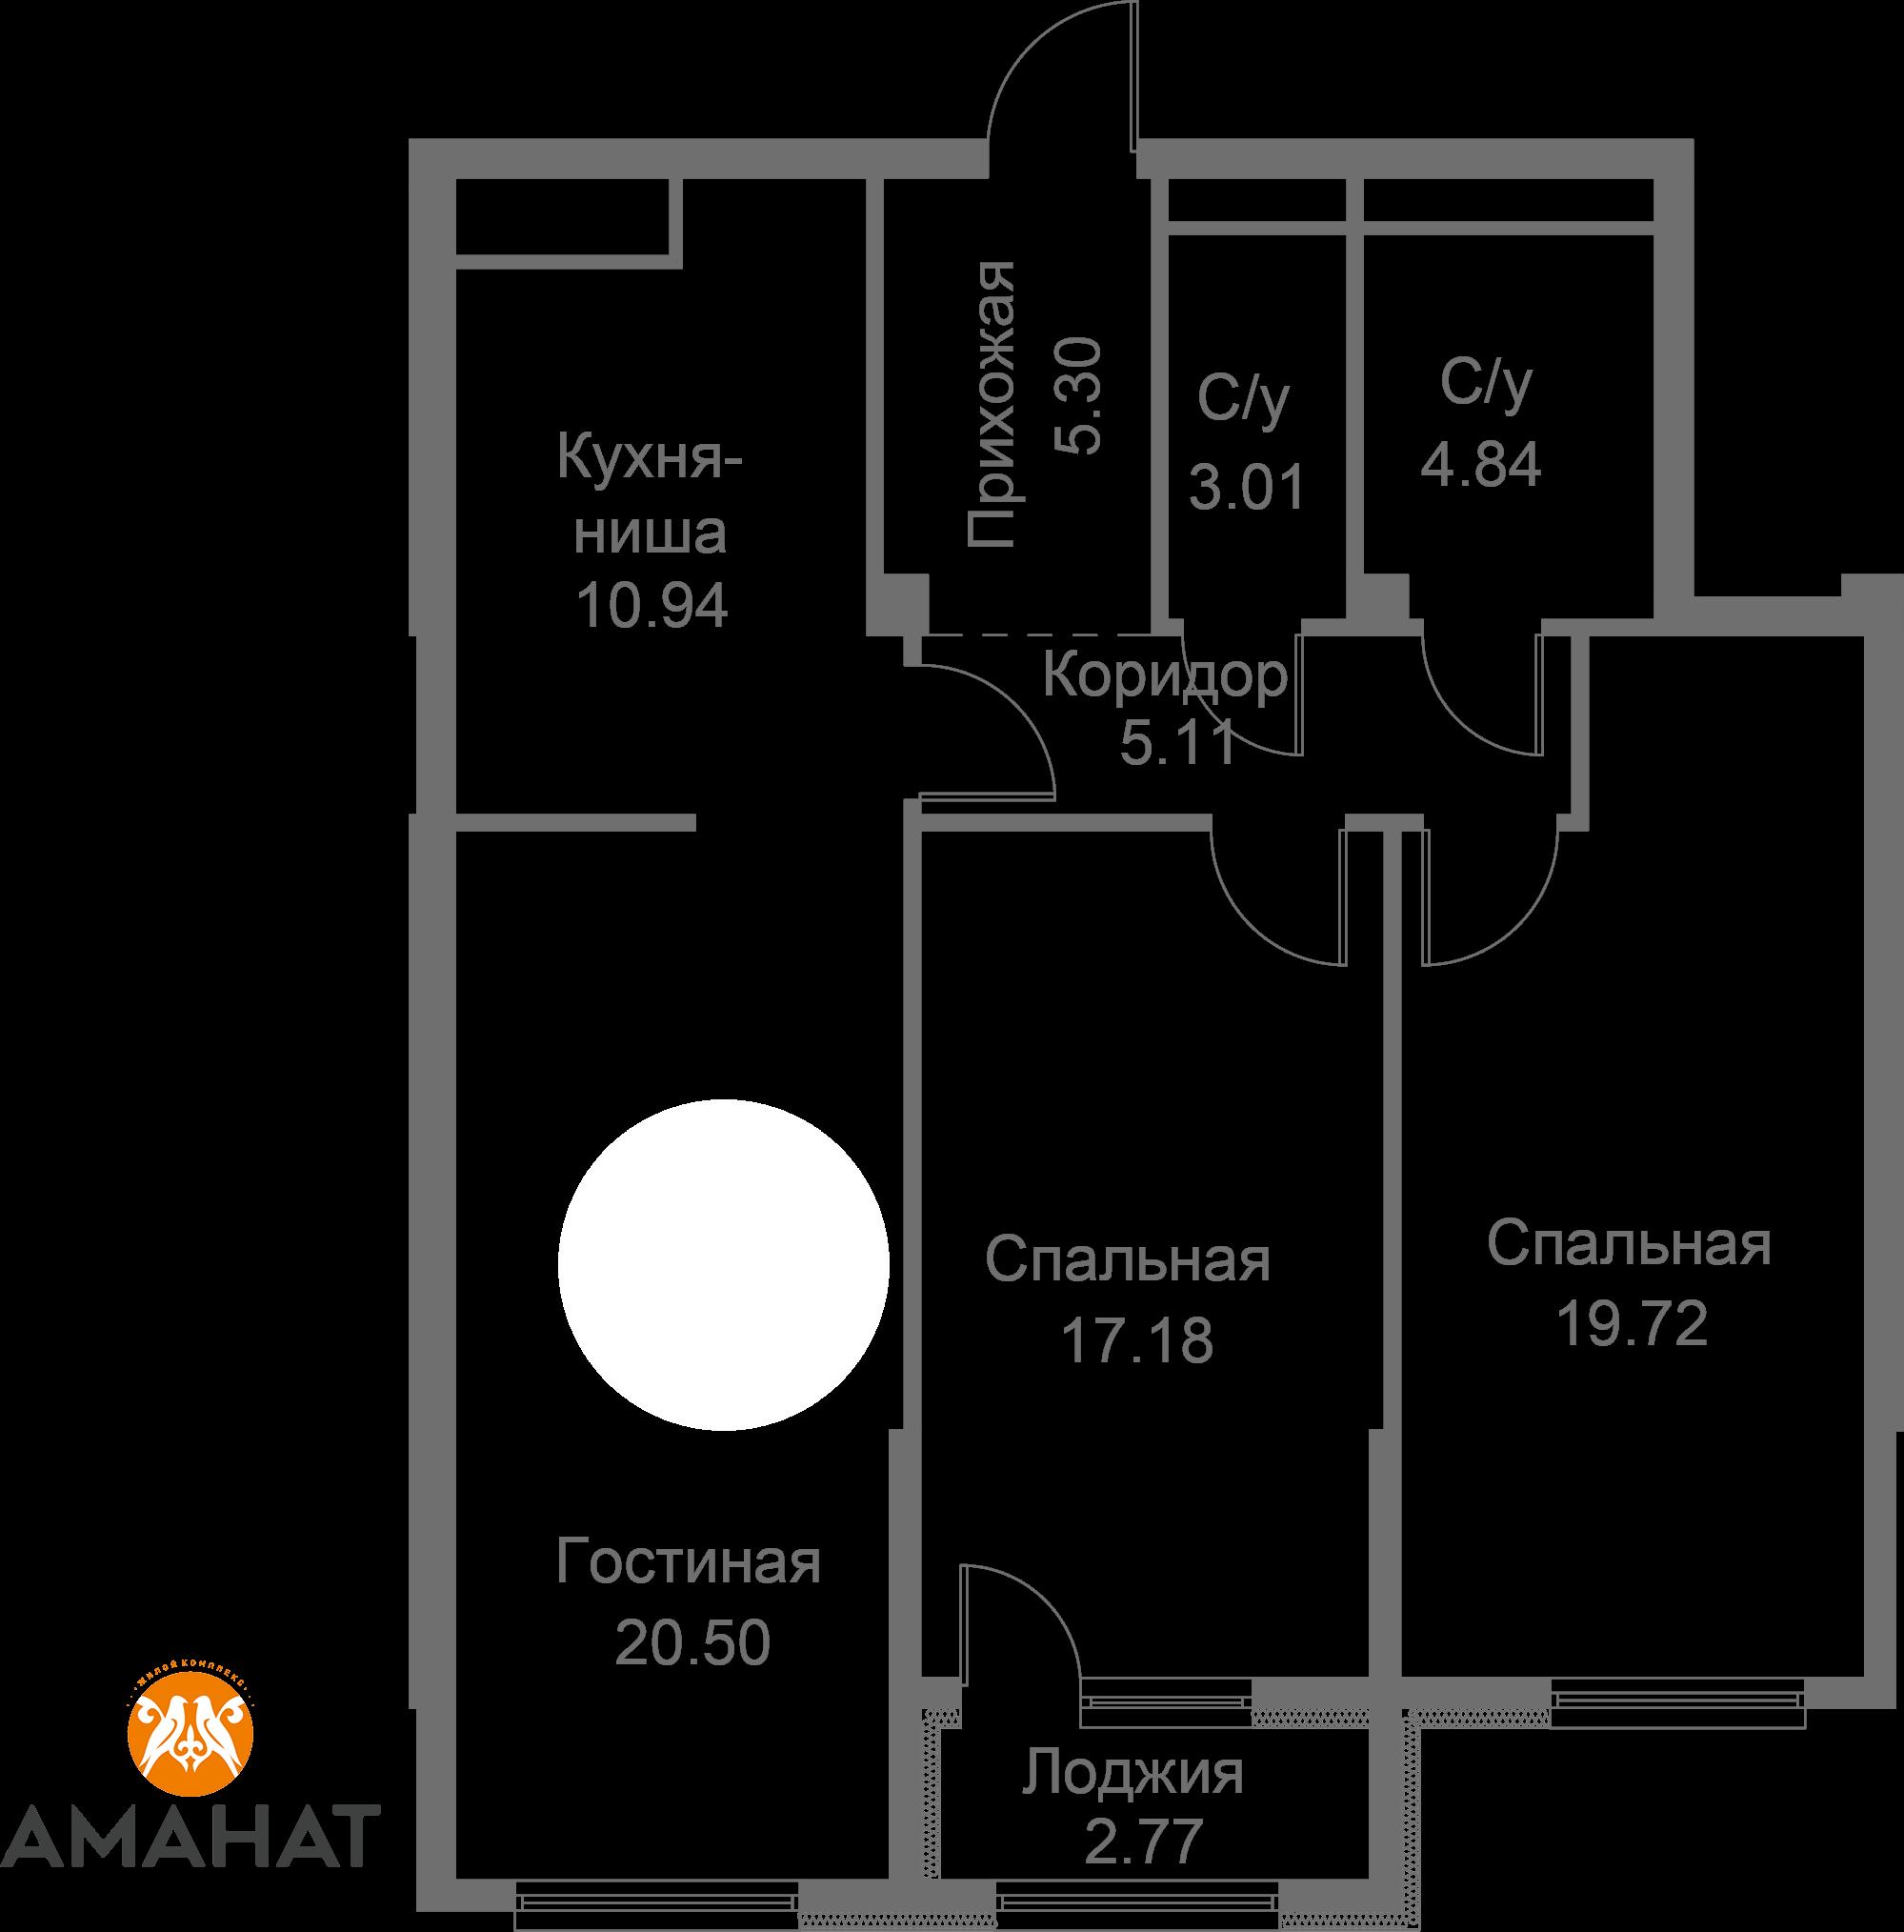 Квартира 141